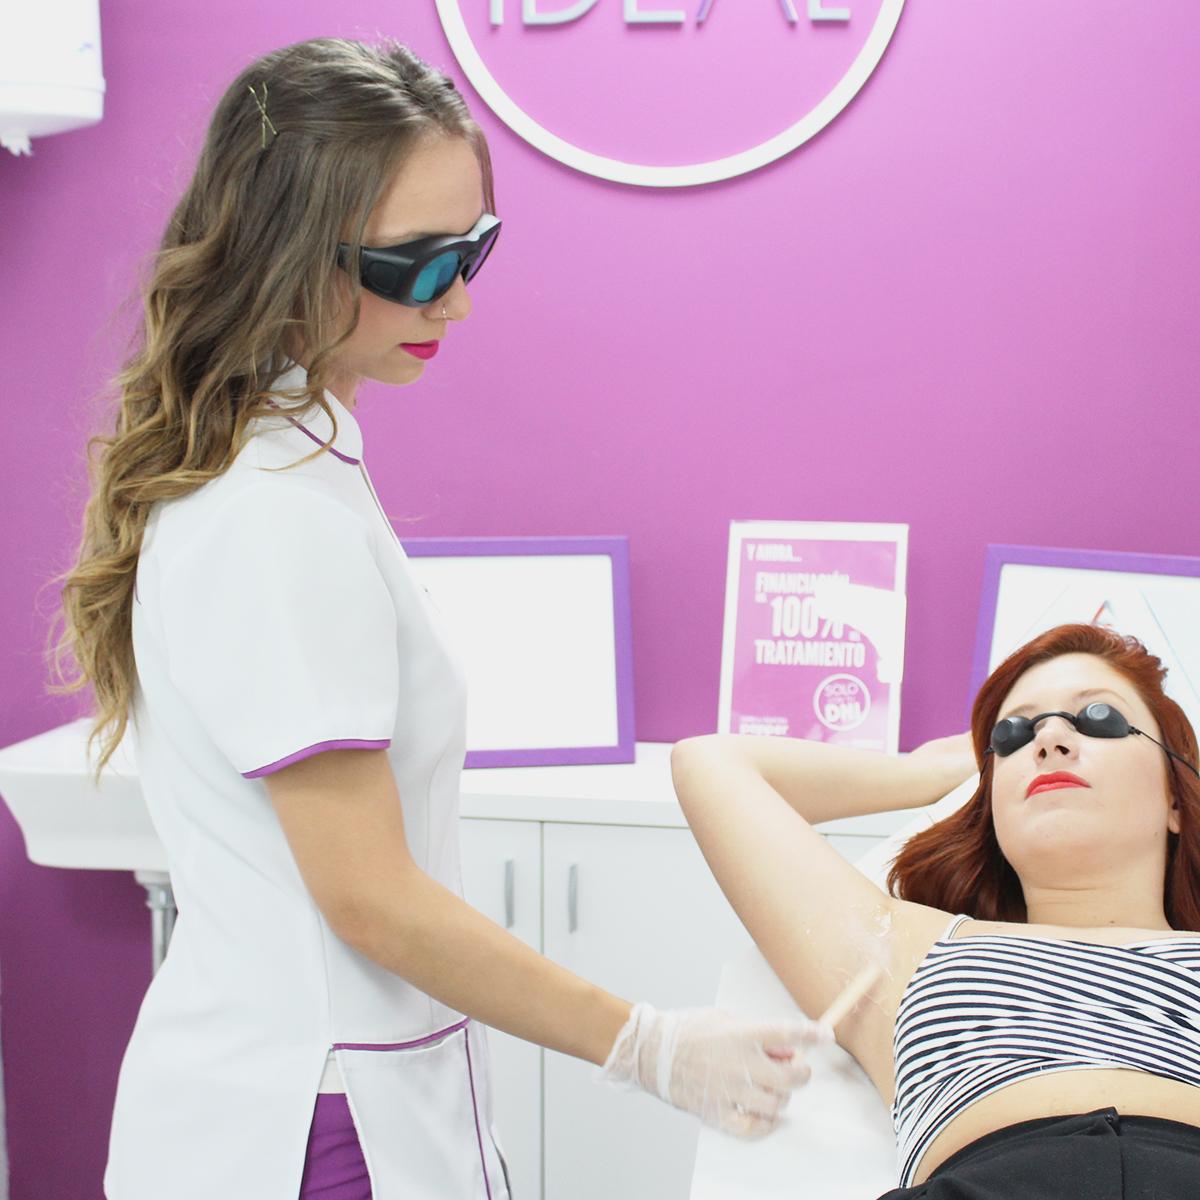 el láser diodo, la técnica de depilación láser femenina definitiva